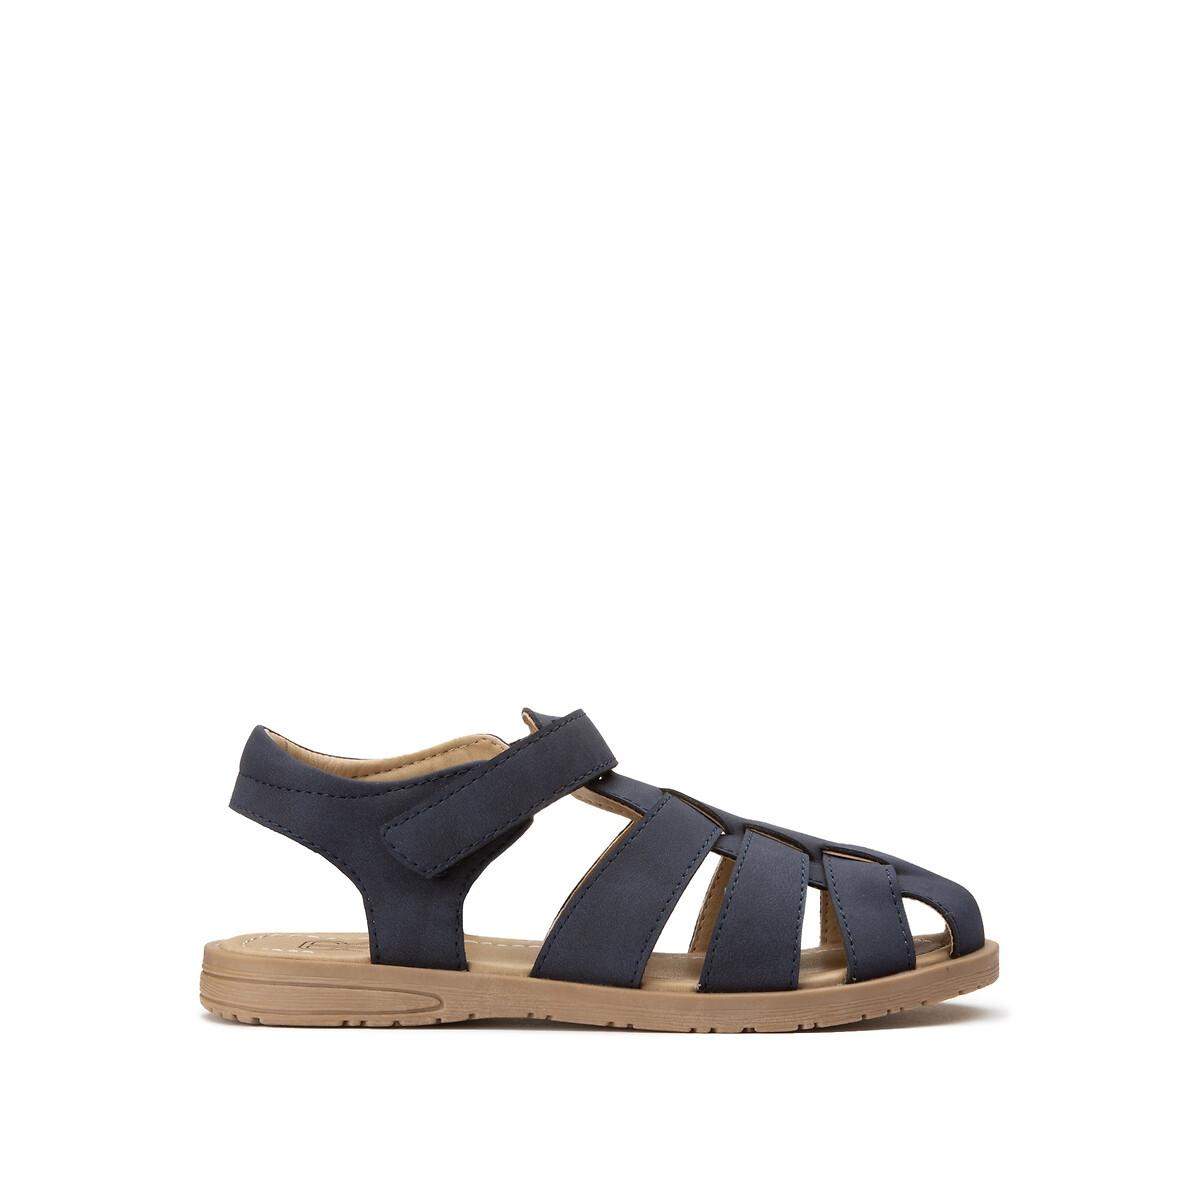 Sandales scratchées 26-38